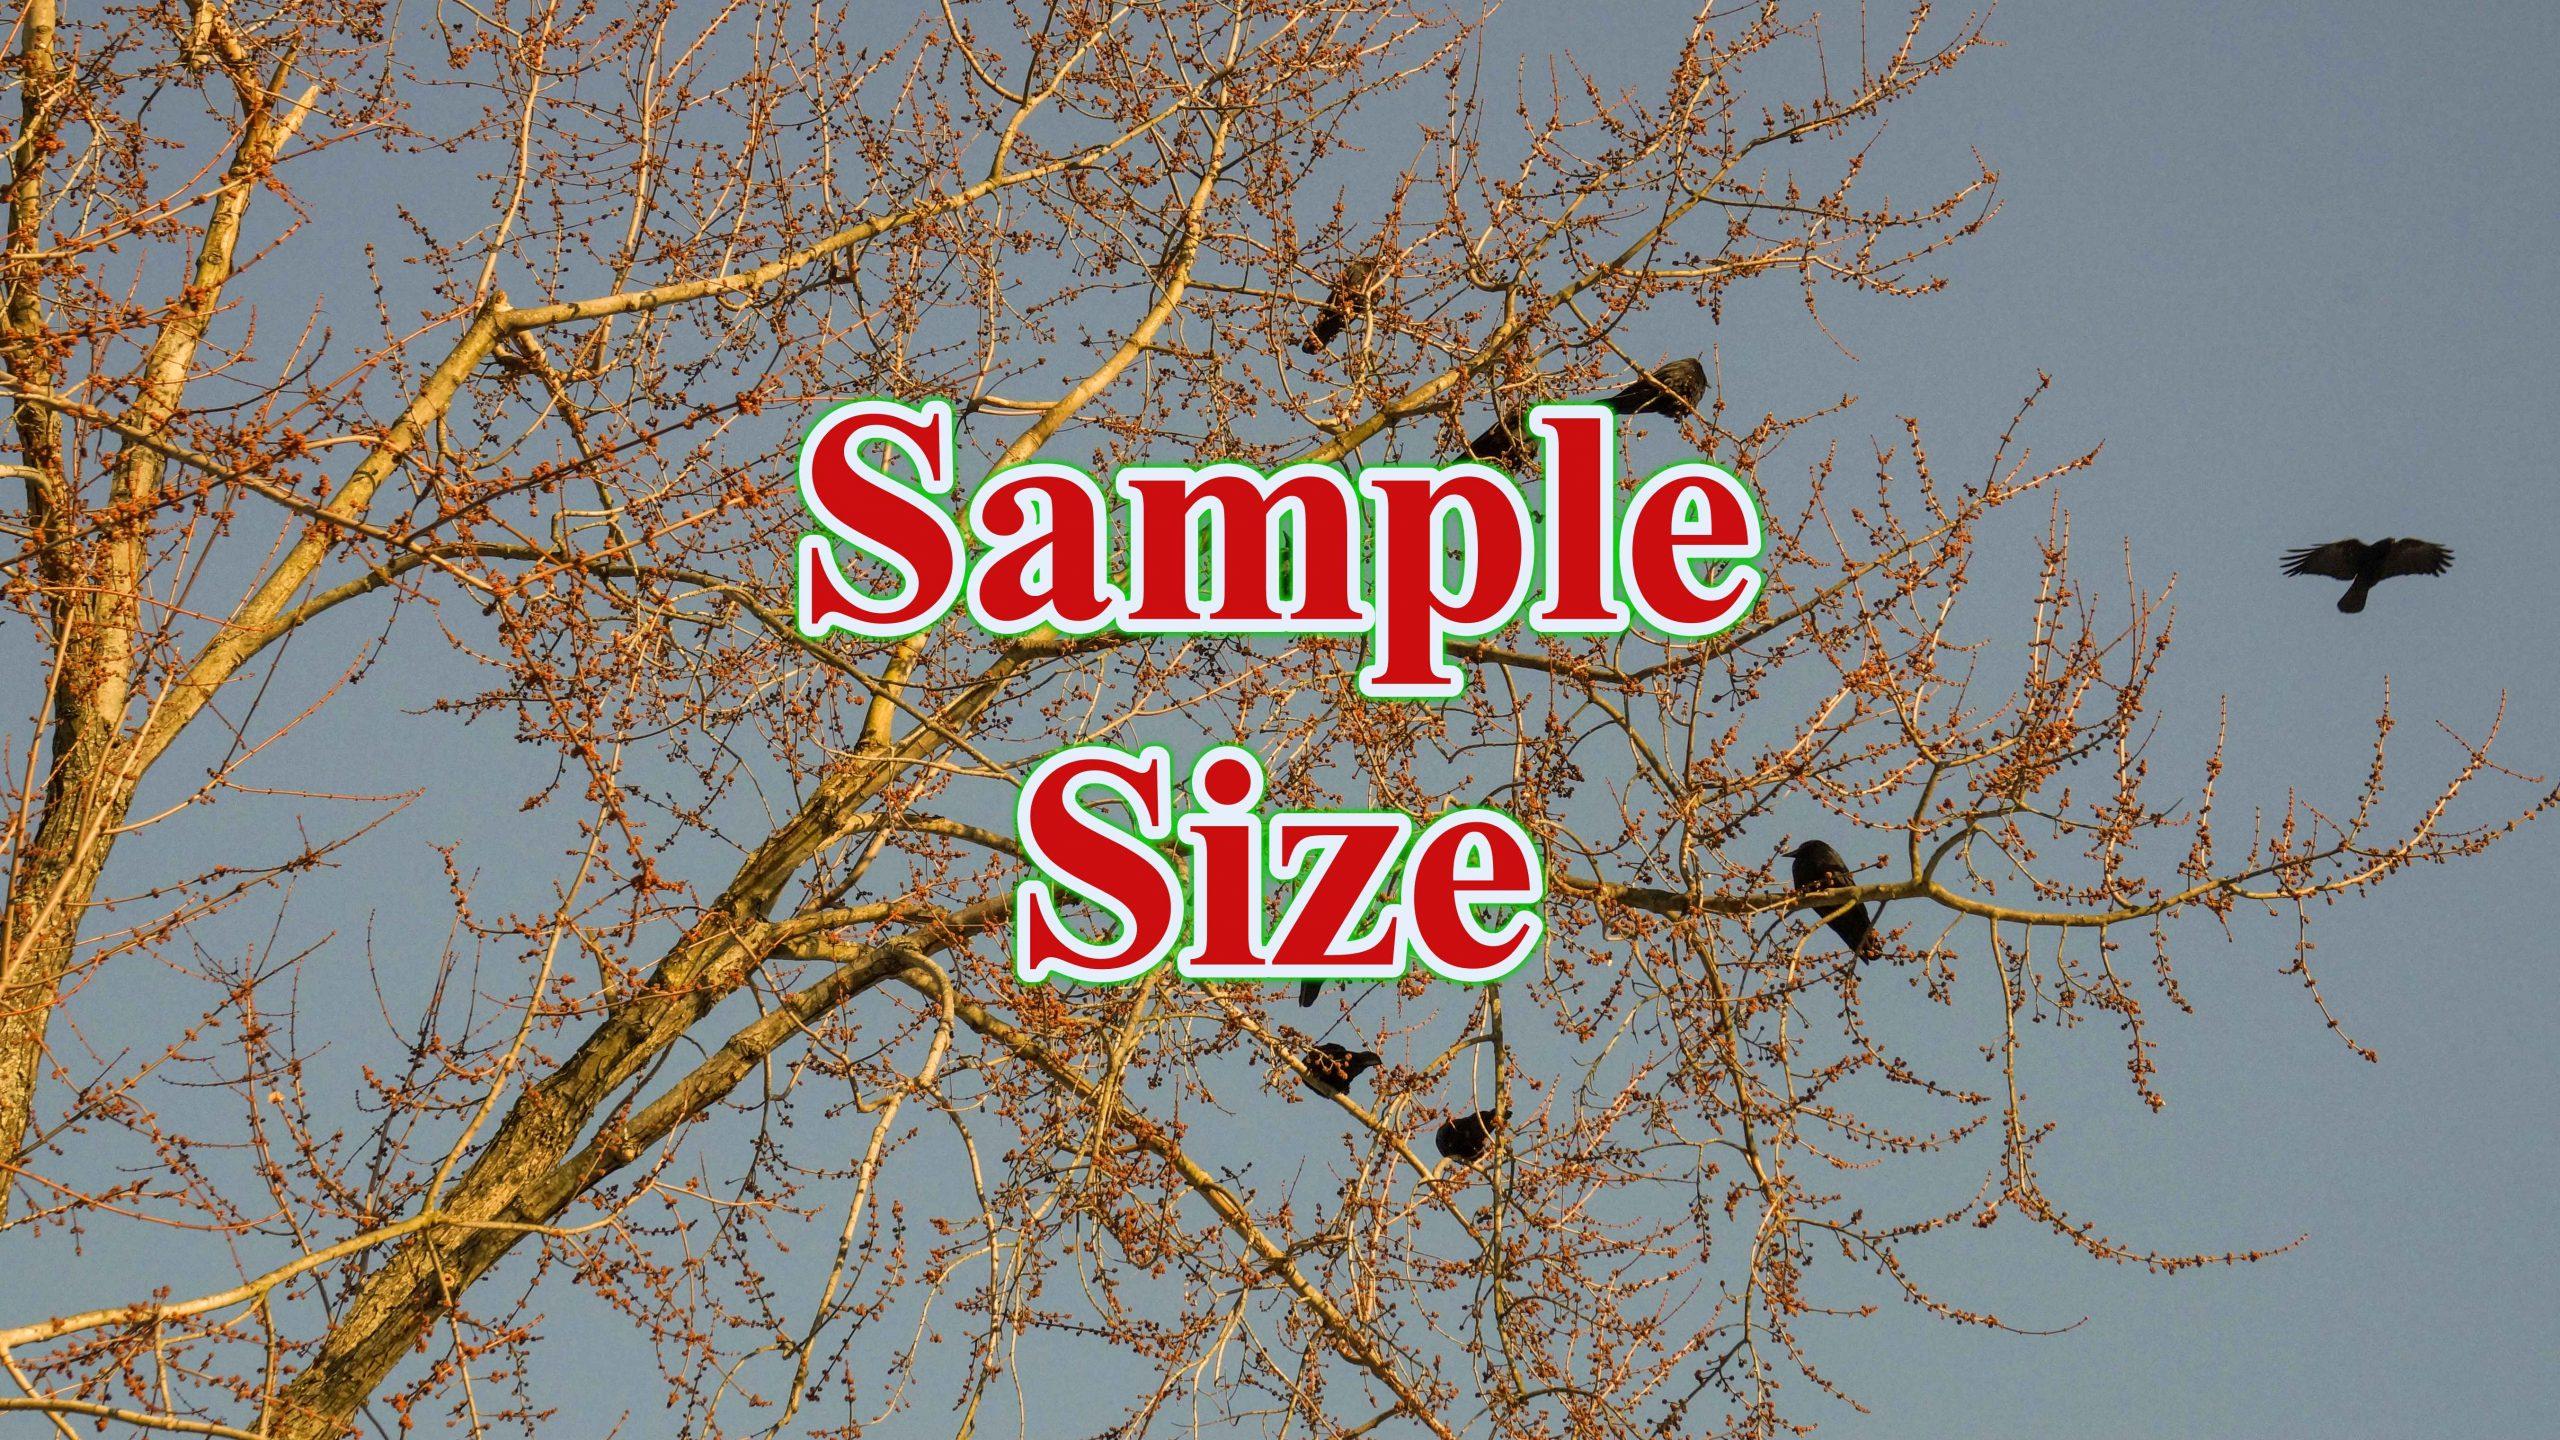 Sample Size scaled - ước tính cỡ mẫu cho hồi quy